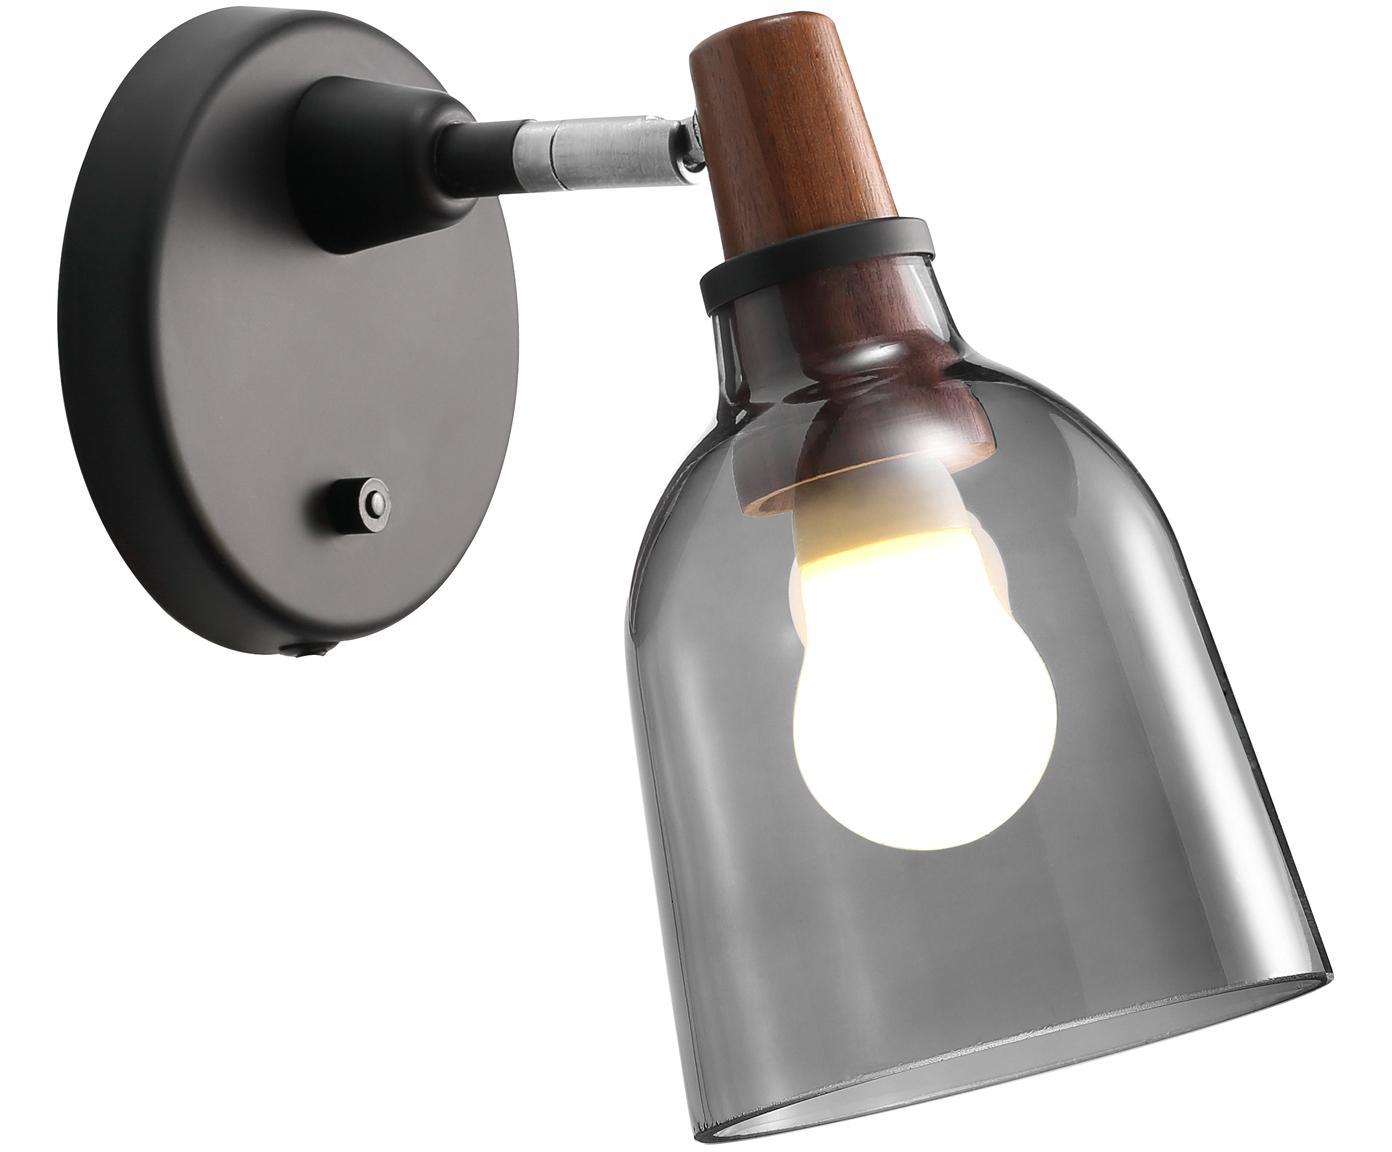 Aplique Karma, con enchufe, Pantalla: vidrio ahumadoamano, Cable: plástico, Negro, nogal, An 14 x Al 24 cm